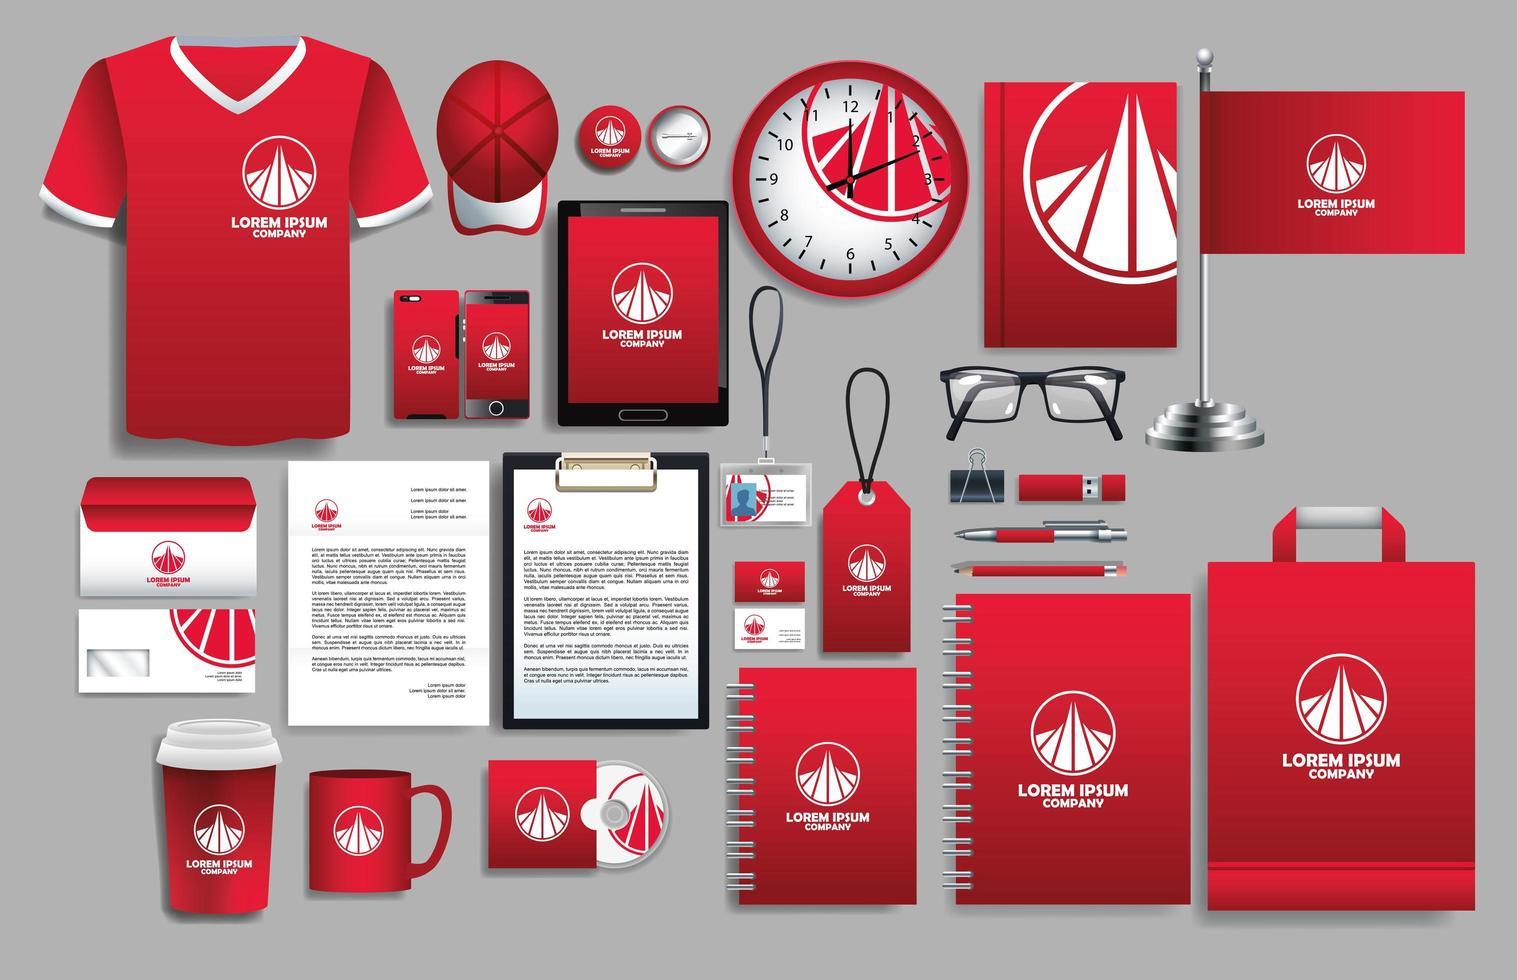 conjunto de elementos de logotipo rojo y blanco con plantillas de papelería vector